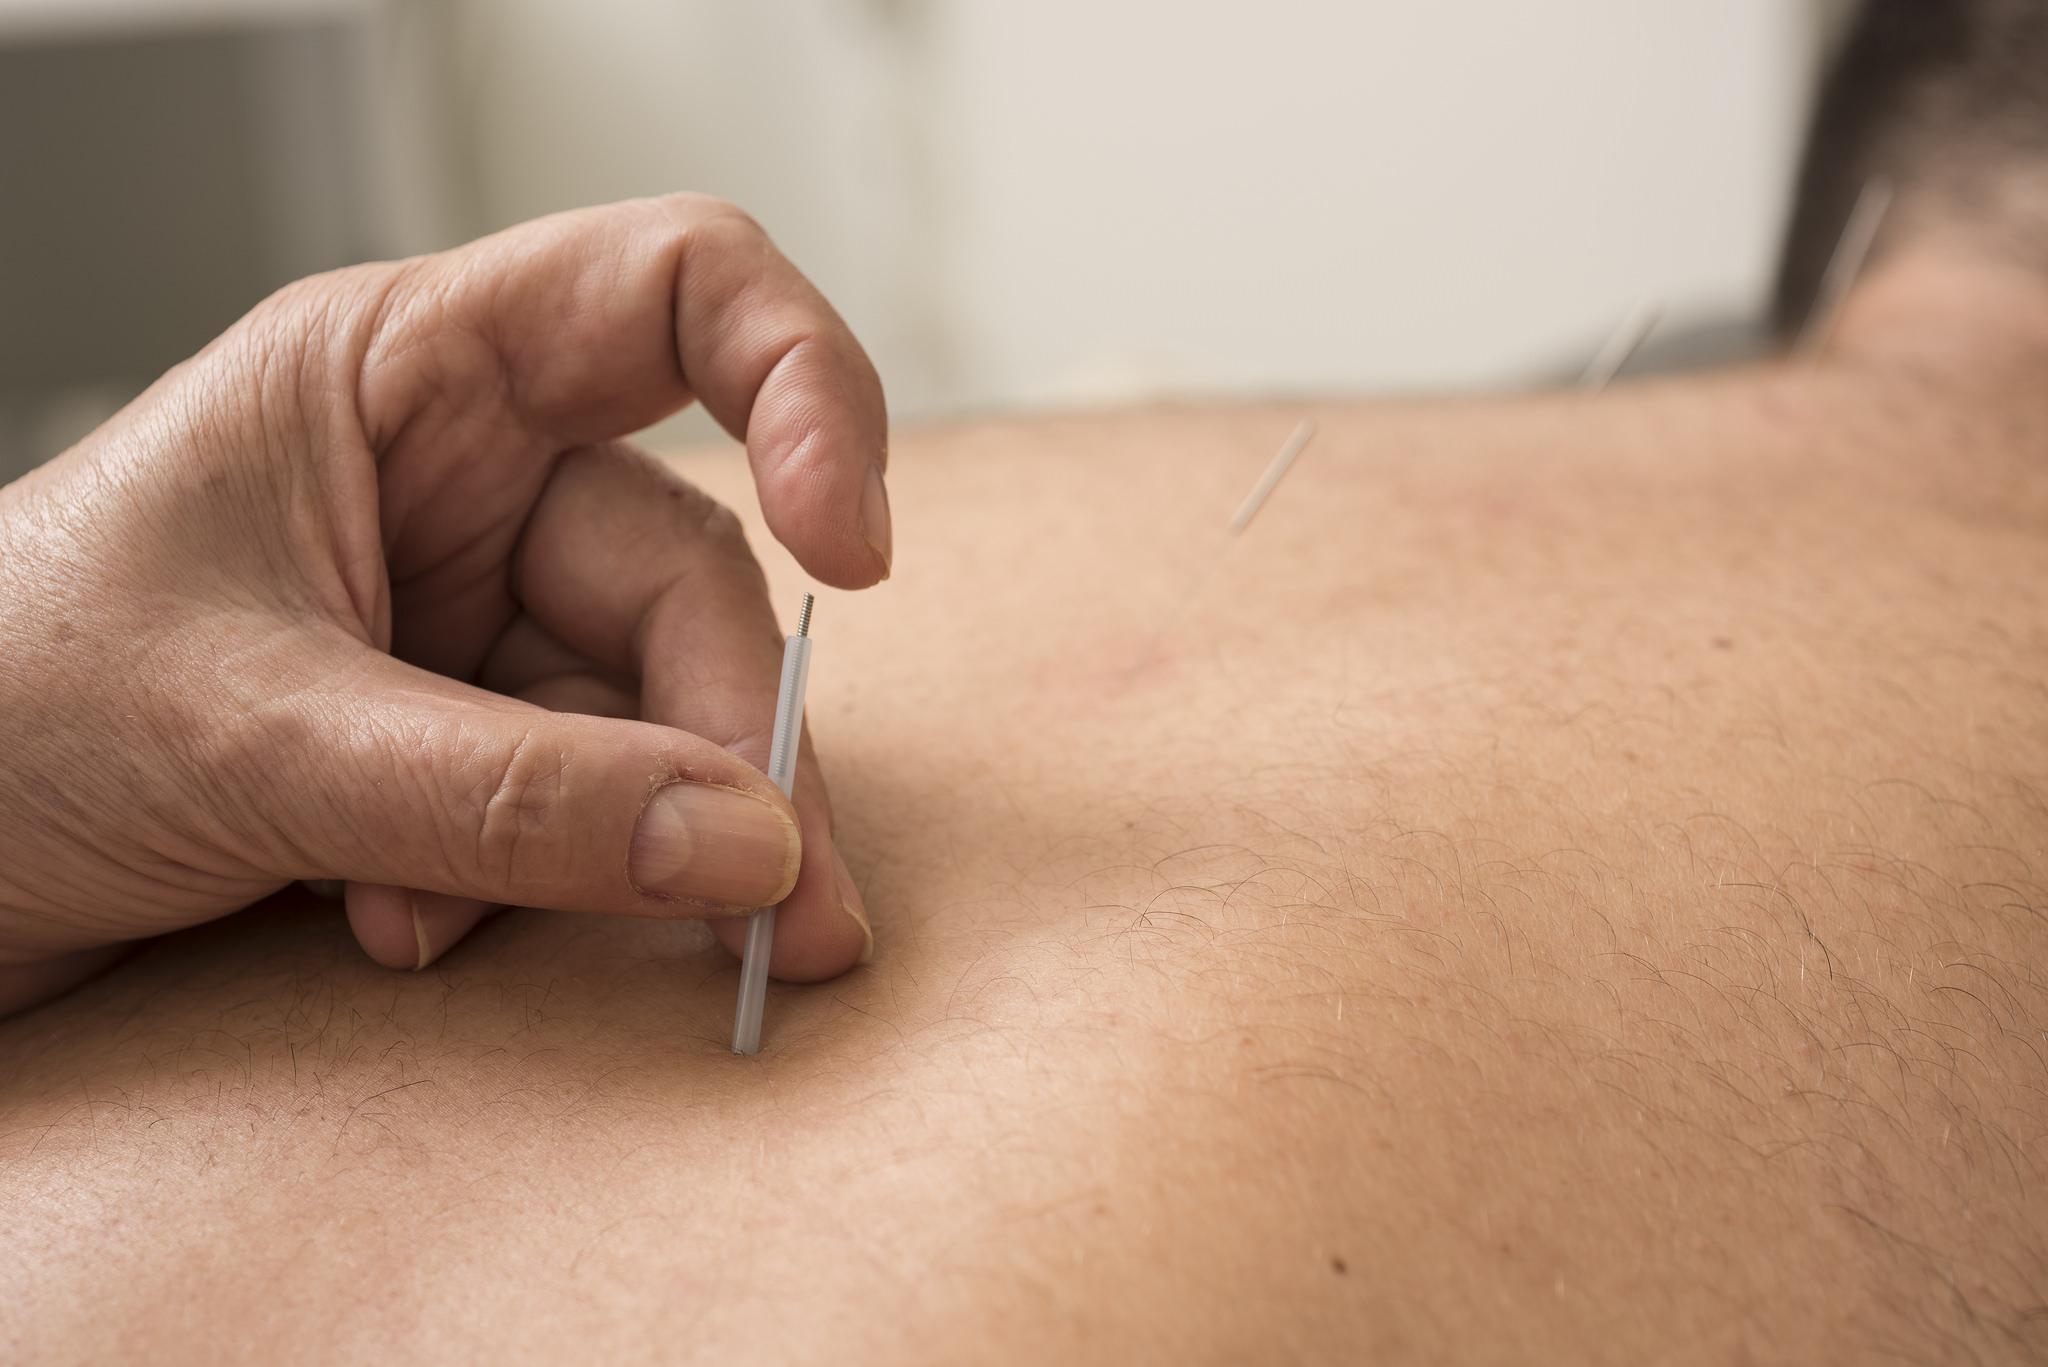 Técnica milenar da acupuntura traz benefícios para corpo e mente